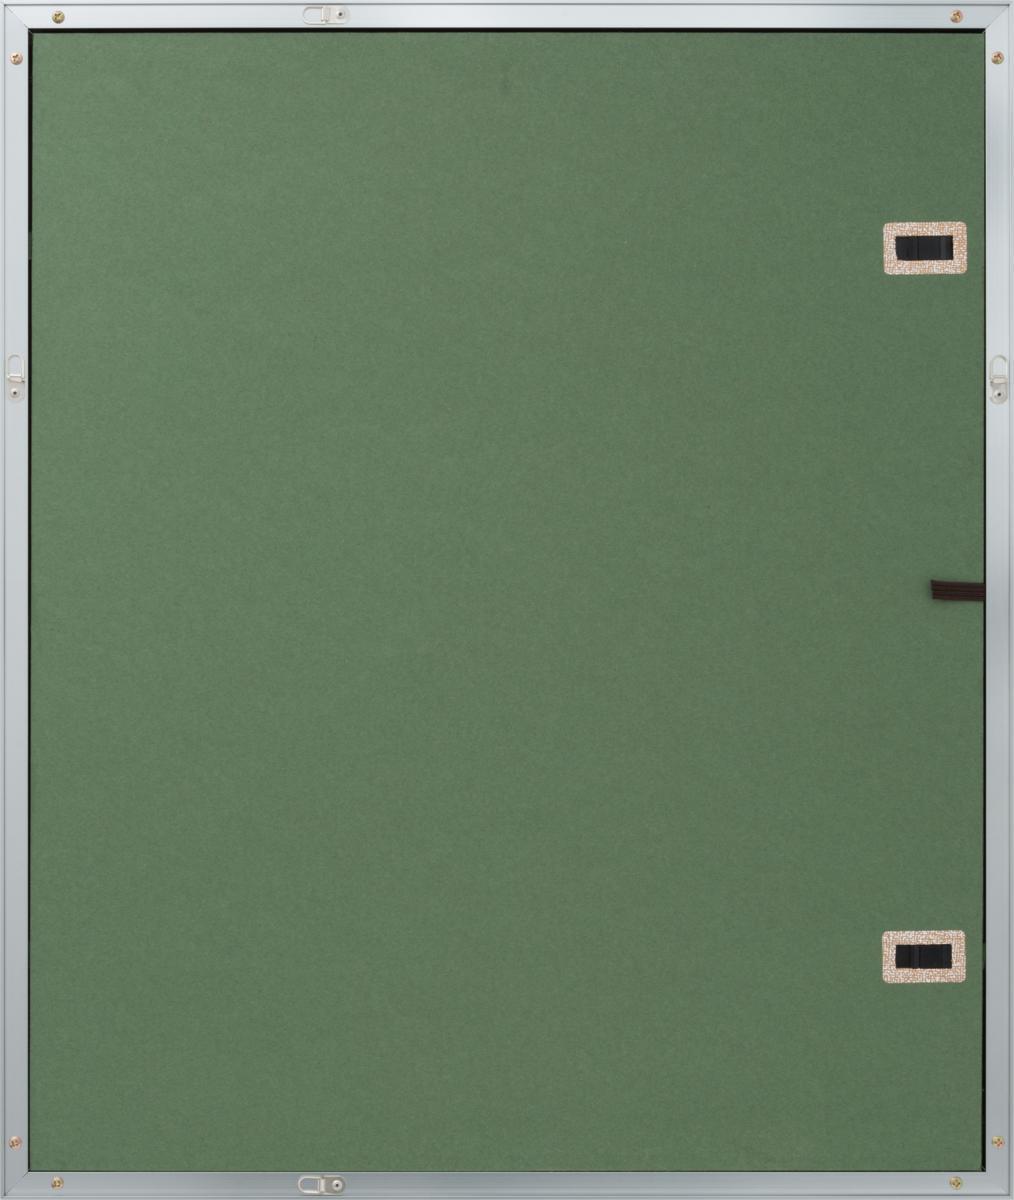 油絵額縁 油彩額縁 アルミフレーム 受注生産品 DA-603 シルバー マットB サイズM15号_画像3